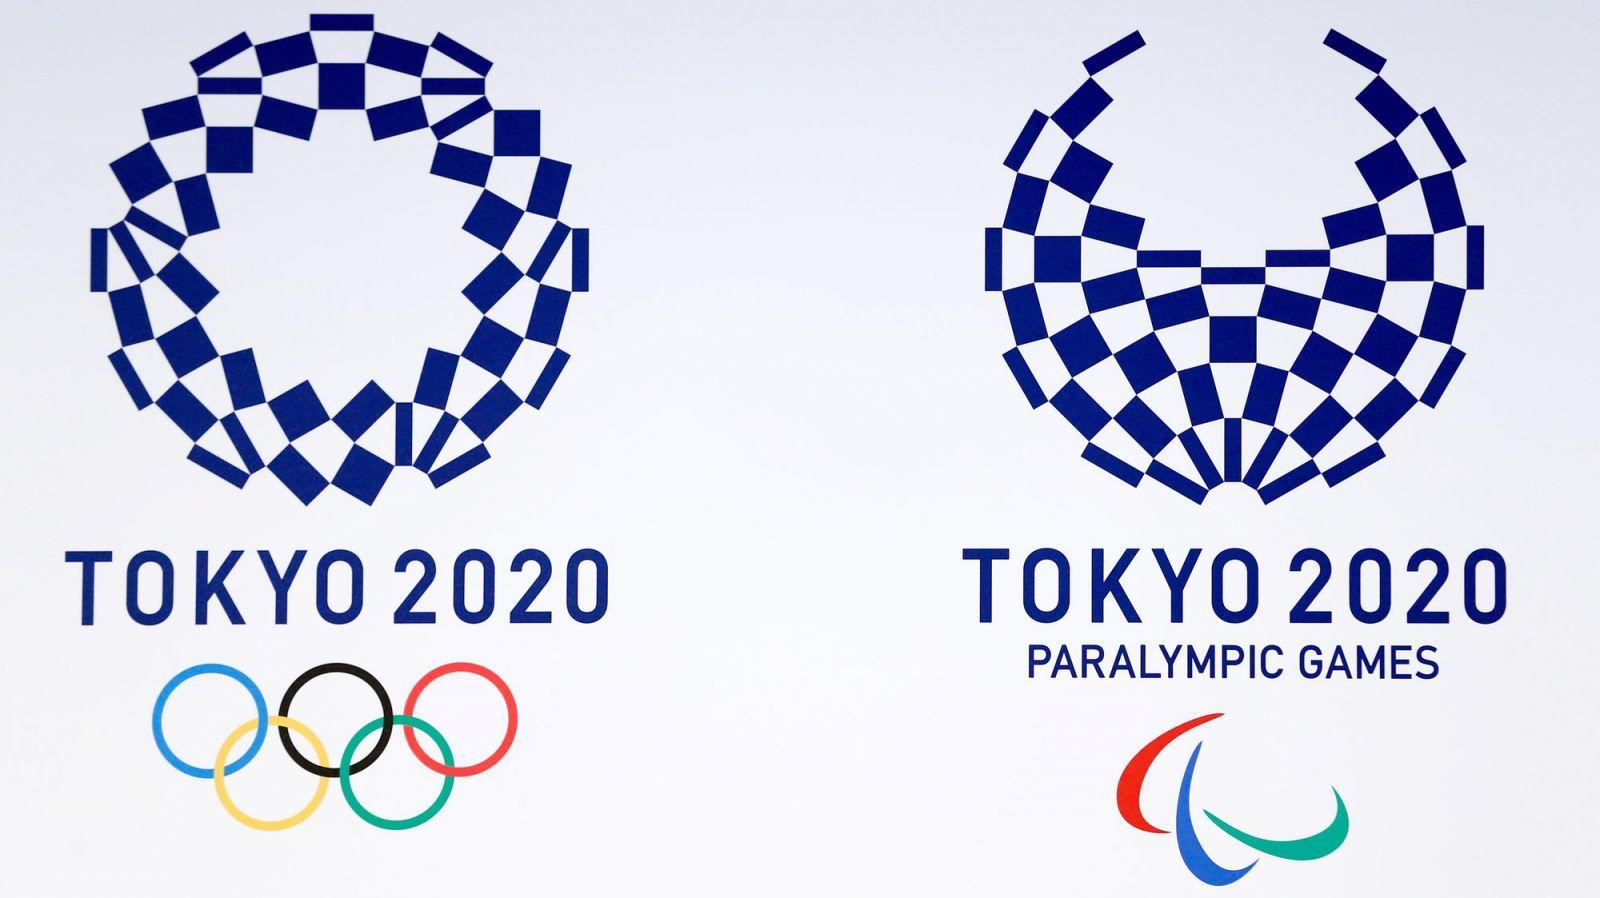 Олимпиада в Токио официально перенесена на 2021 год из-за коронавируса (166bf8e3df08499649d2795fb1d53db25b681218ac2ff875426798)